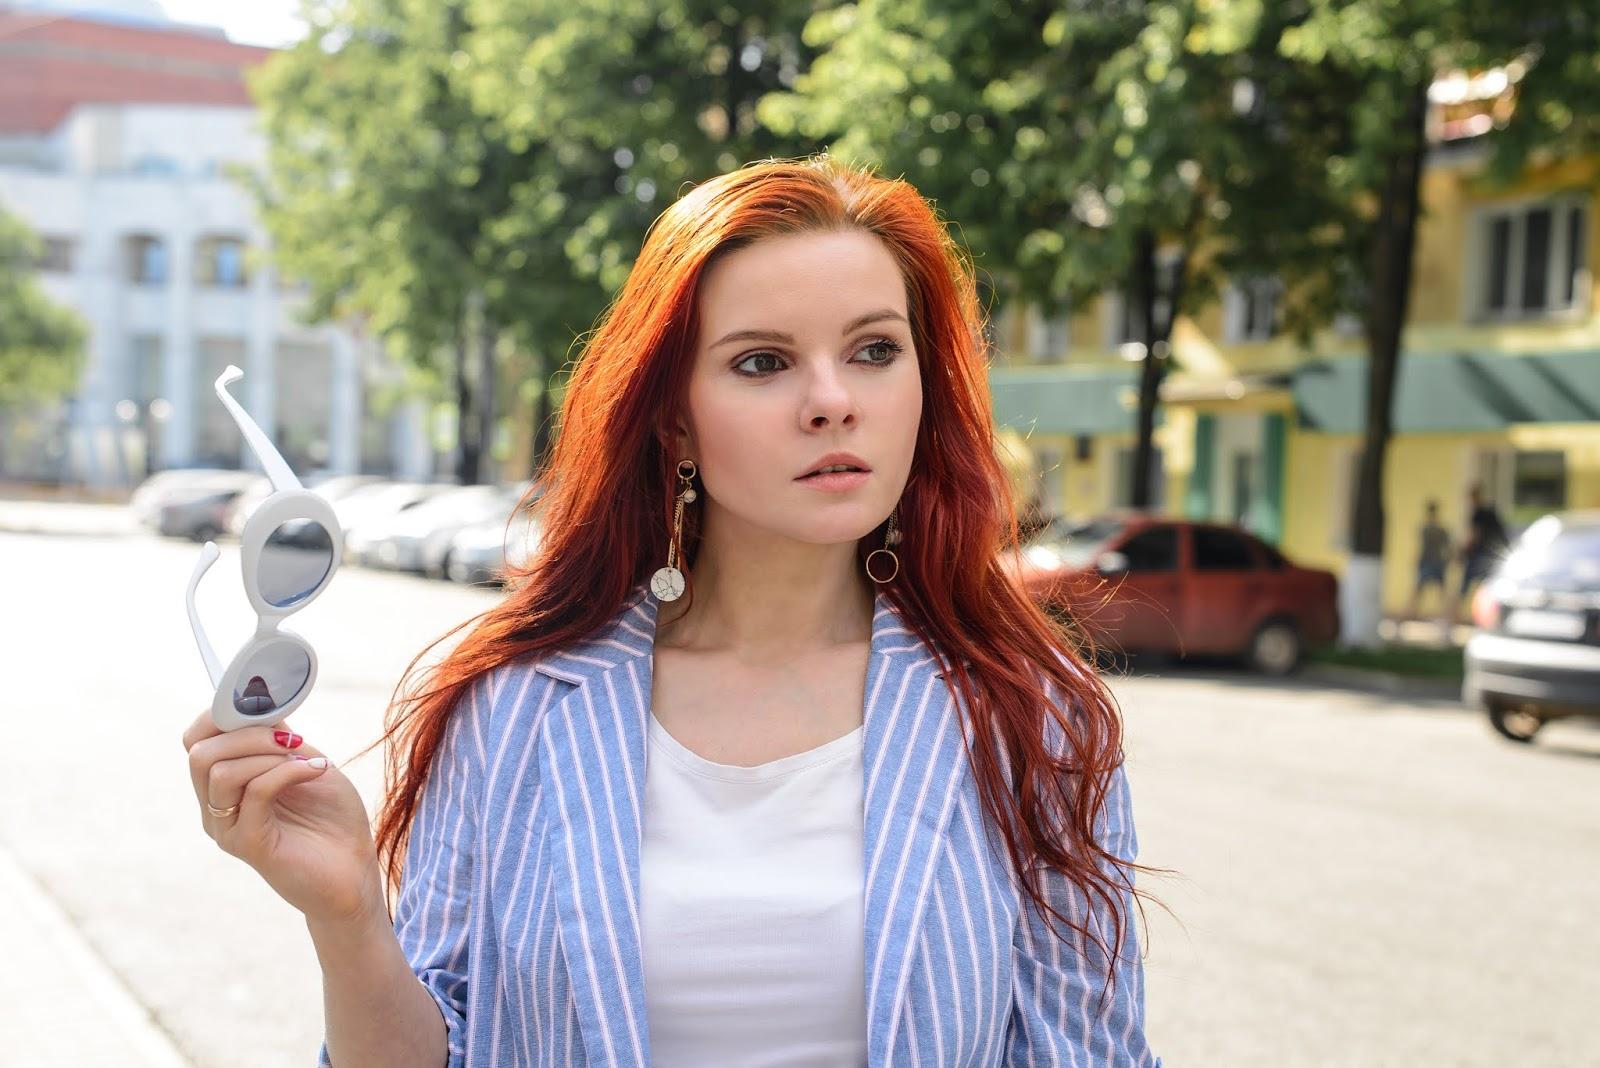 http://www.recklessdiary.ru/2018/06/shein-sheinside-kak-zakazat-otzyvy-na-russkom-gde-kupit-letnij-kostyum-modnye-kostyumy-2018.html